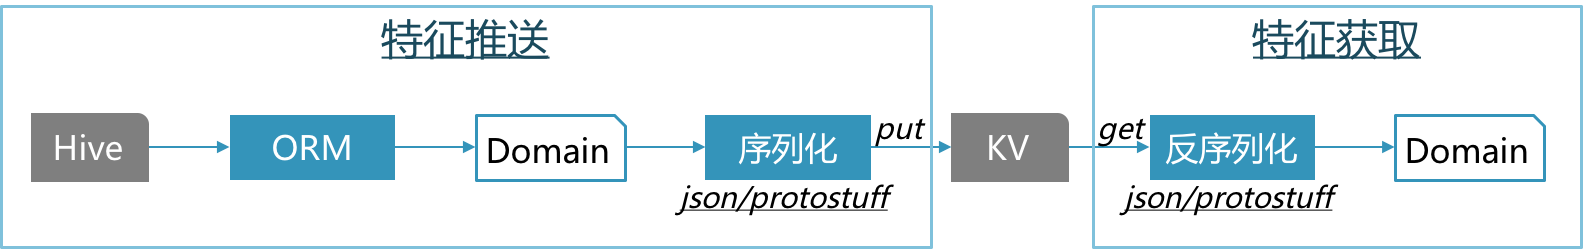 图7 特征推送流程